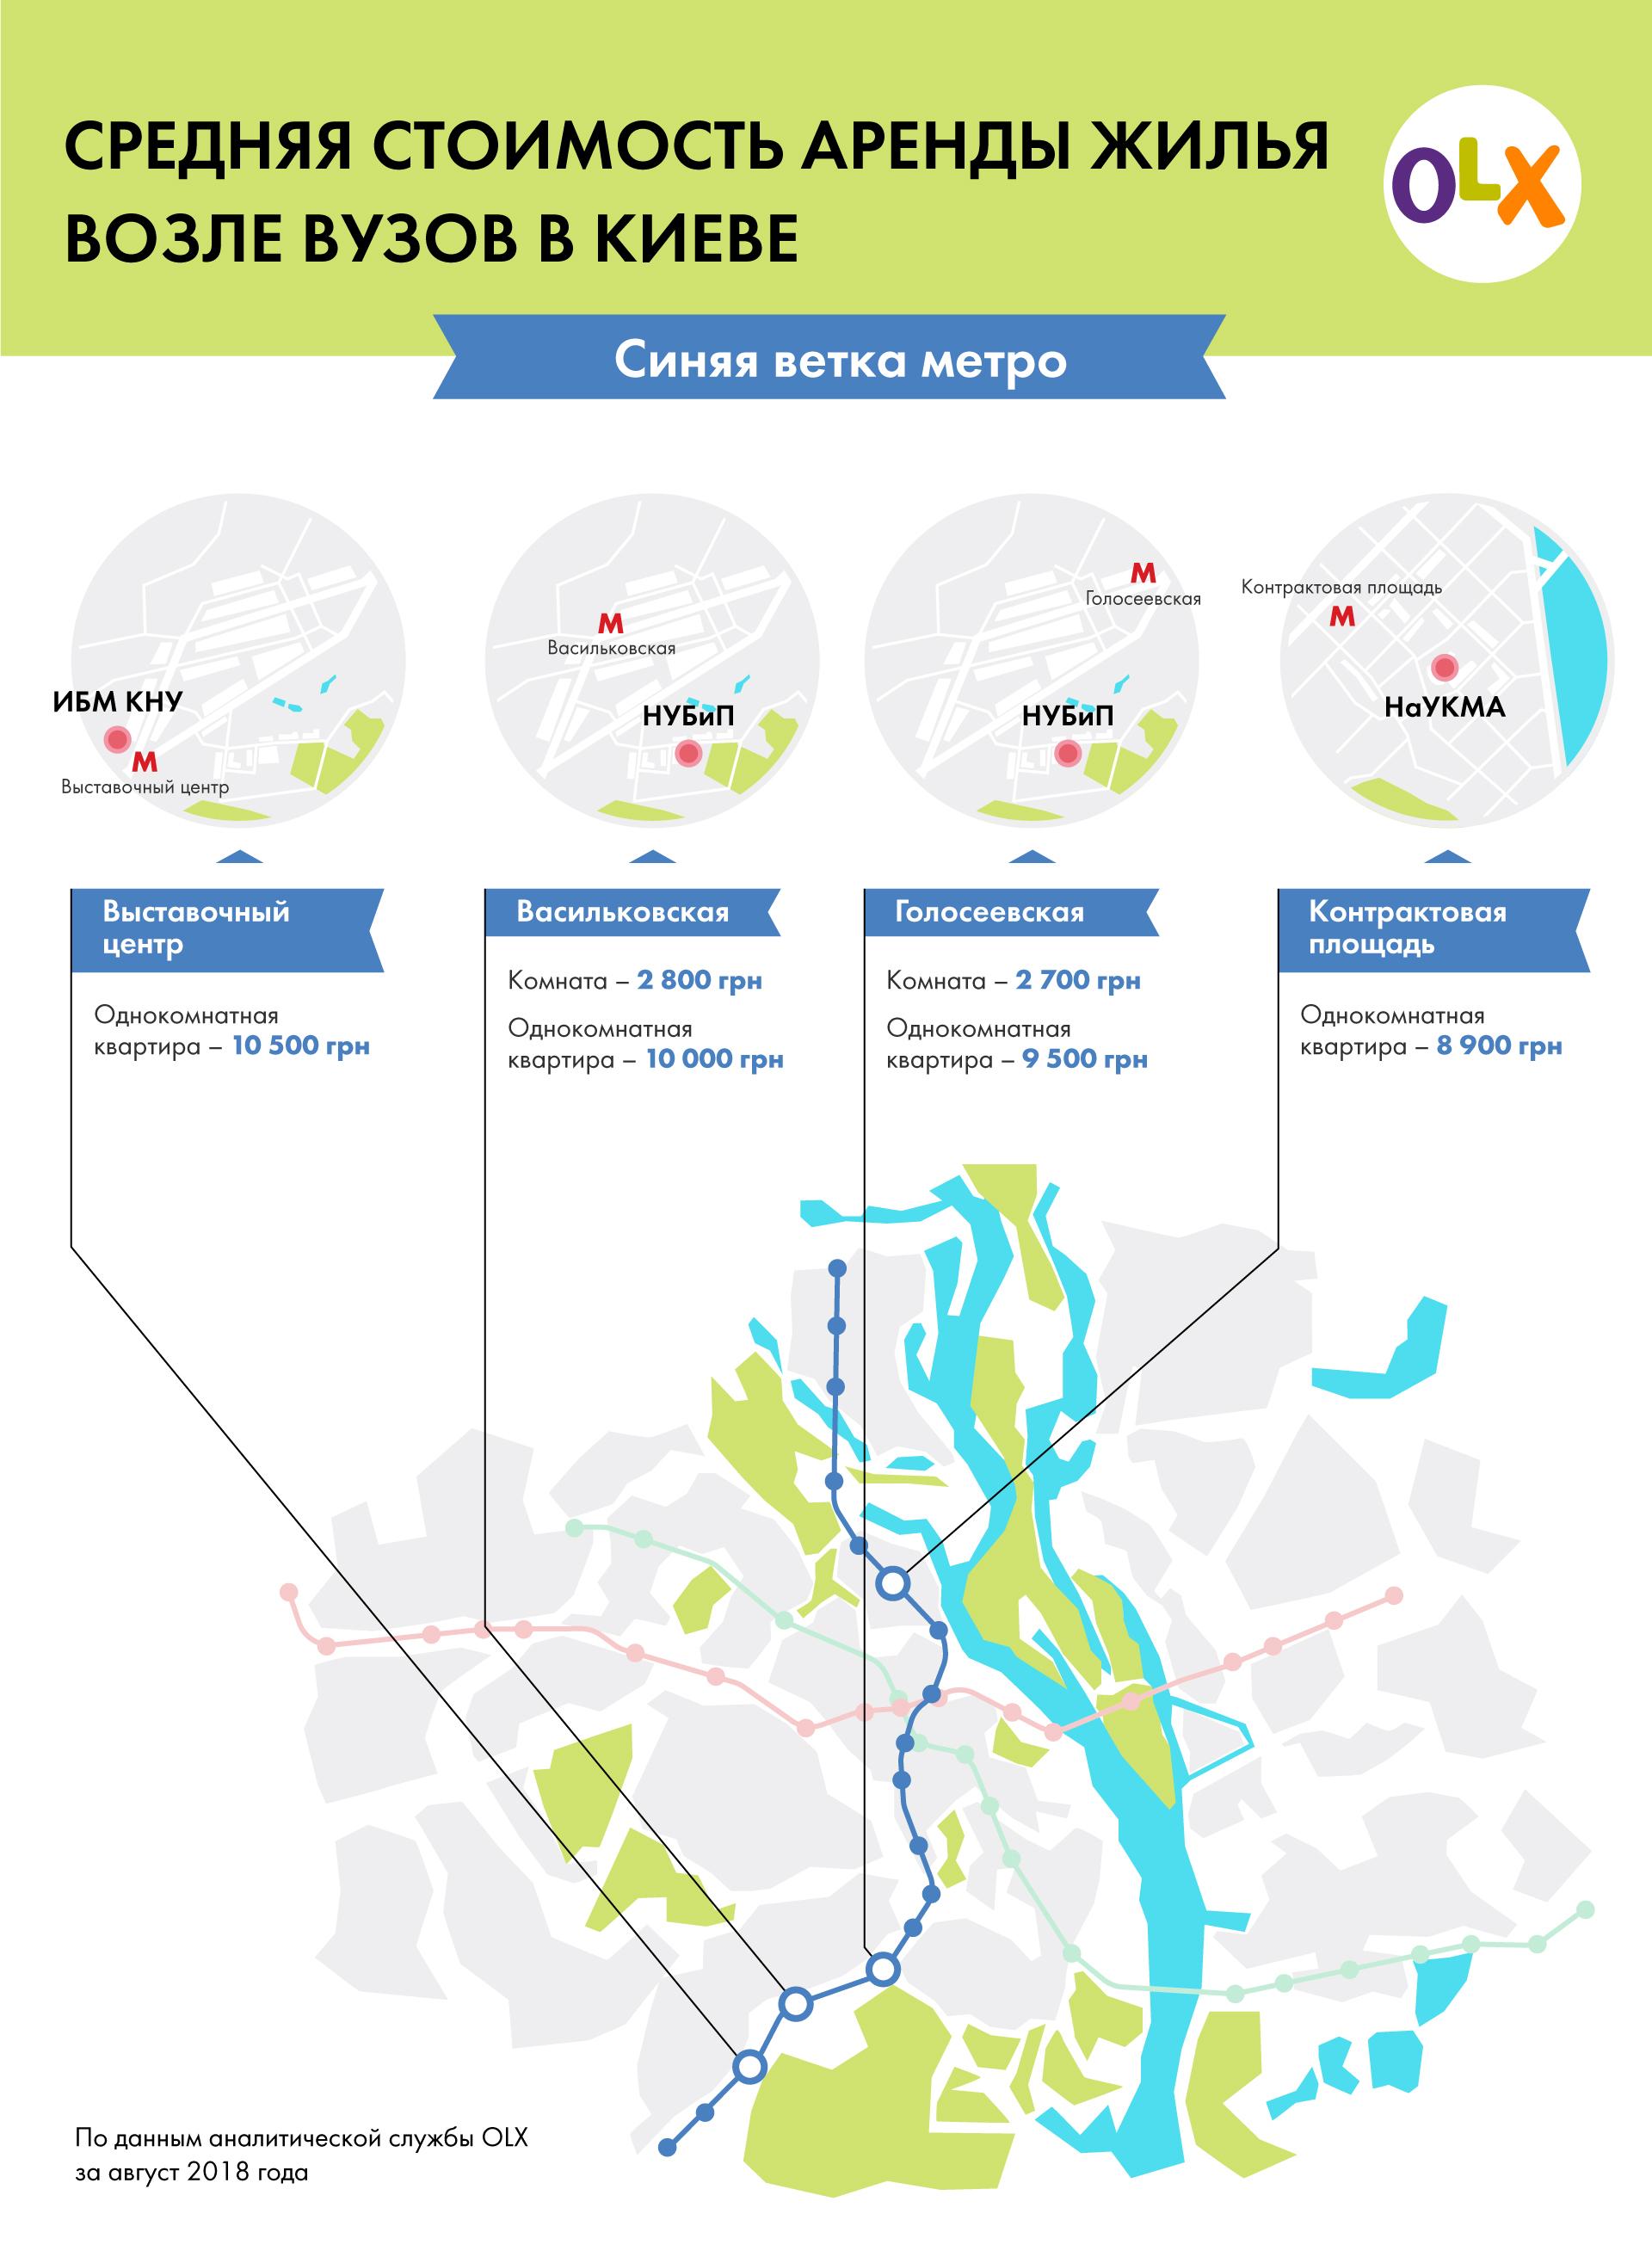 Цены на жилье на синей ветке метро